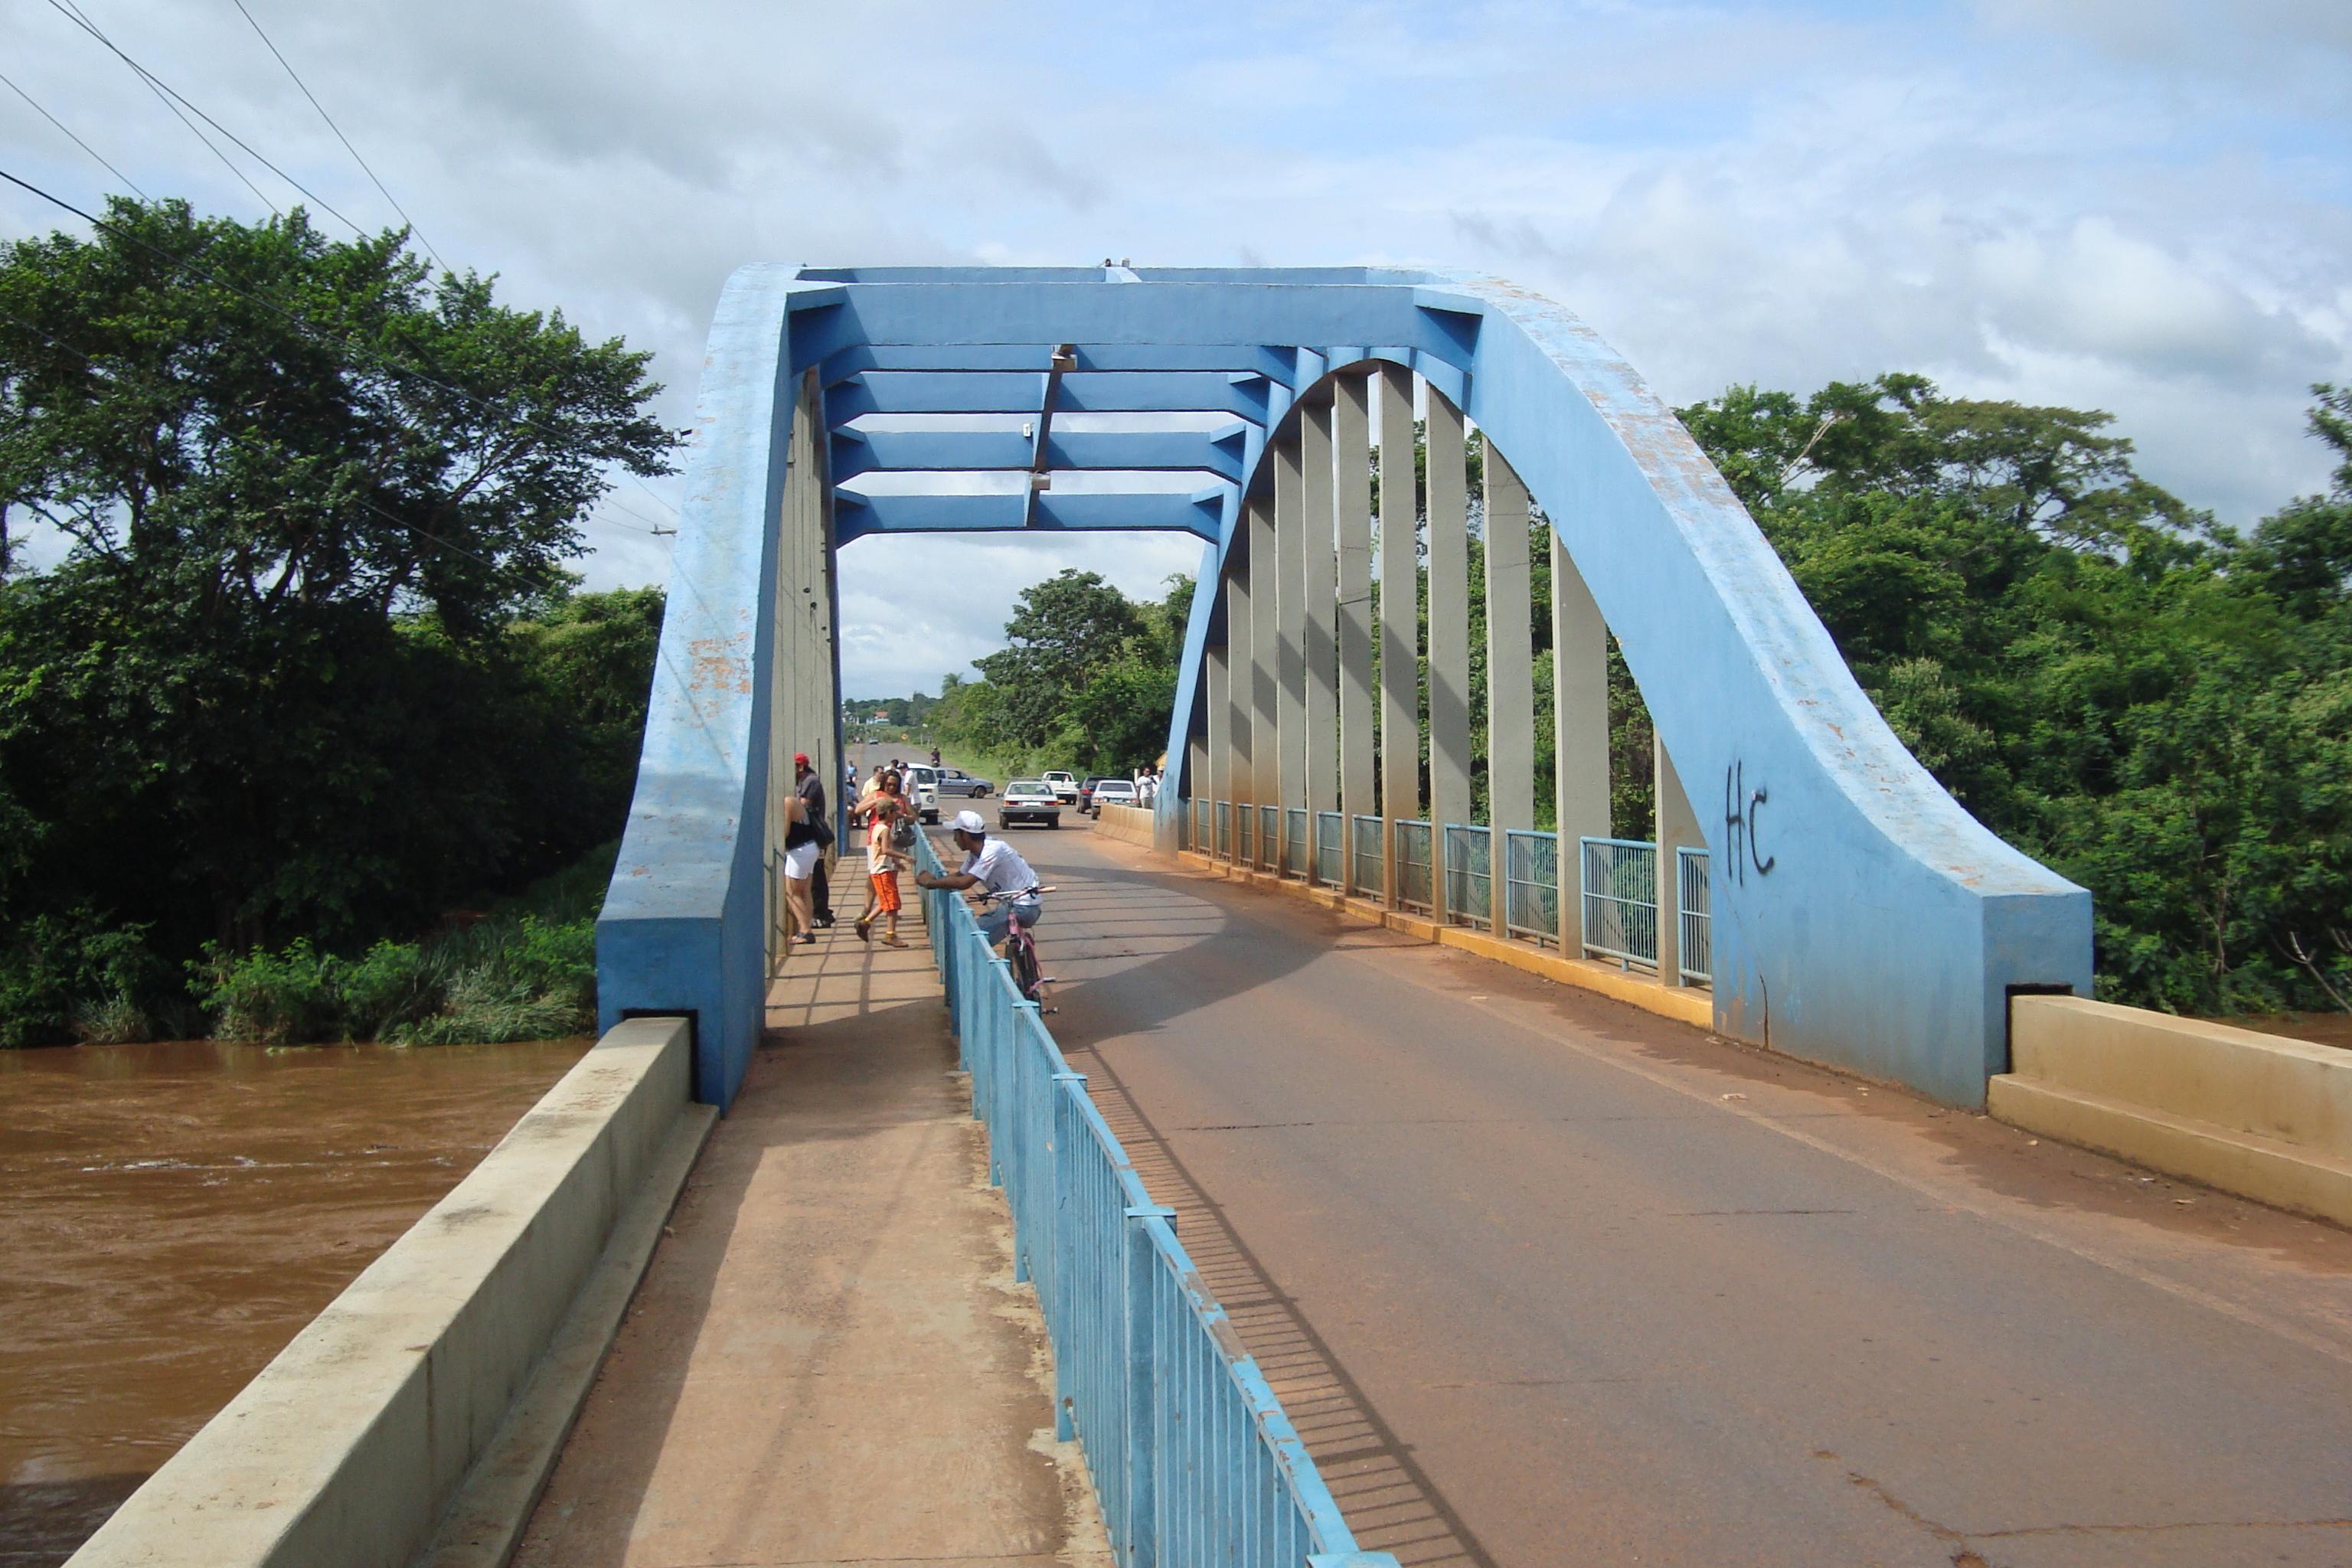 Guia Lopes da Laguna Mato Grosso do Sul fonte: upload.wikimedia.org